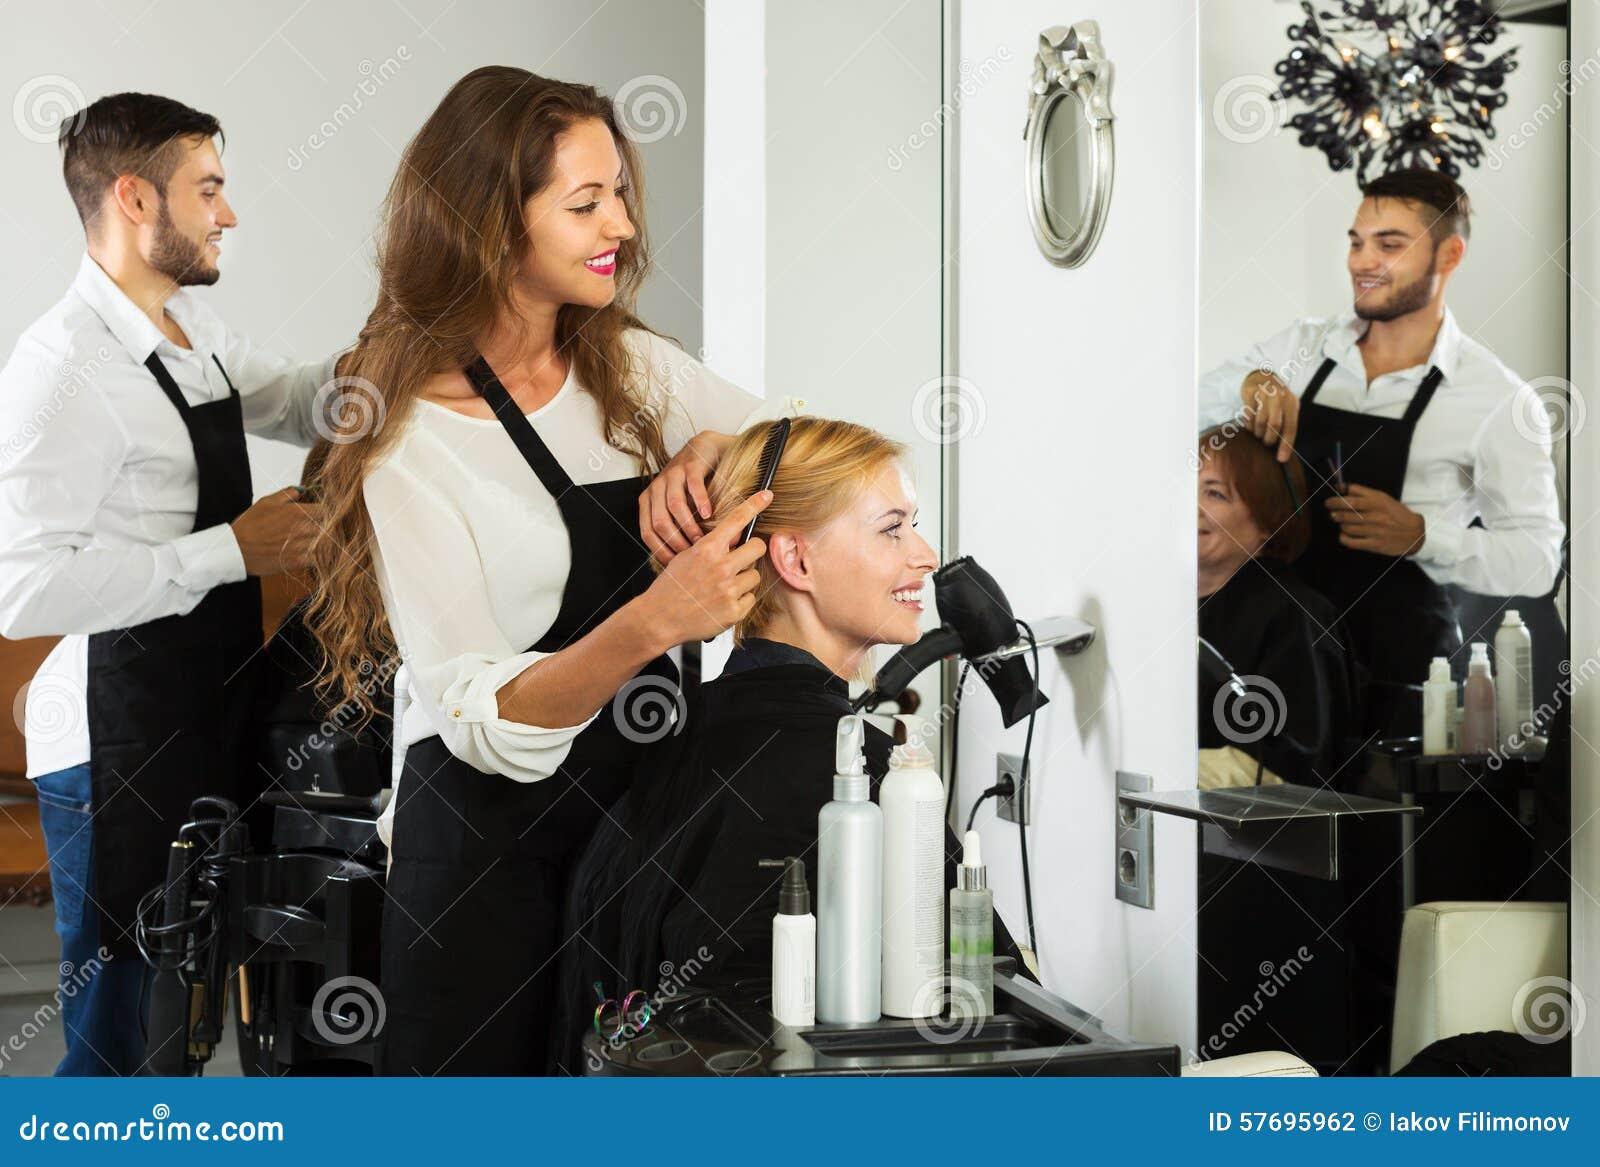 La muchacha corta el pelo en el salón de pelo